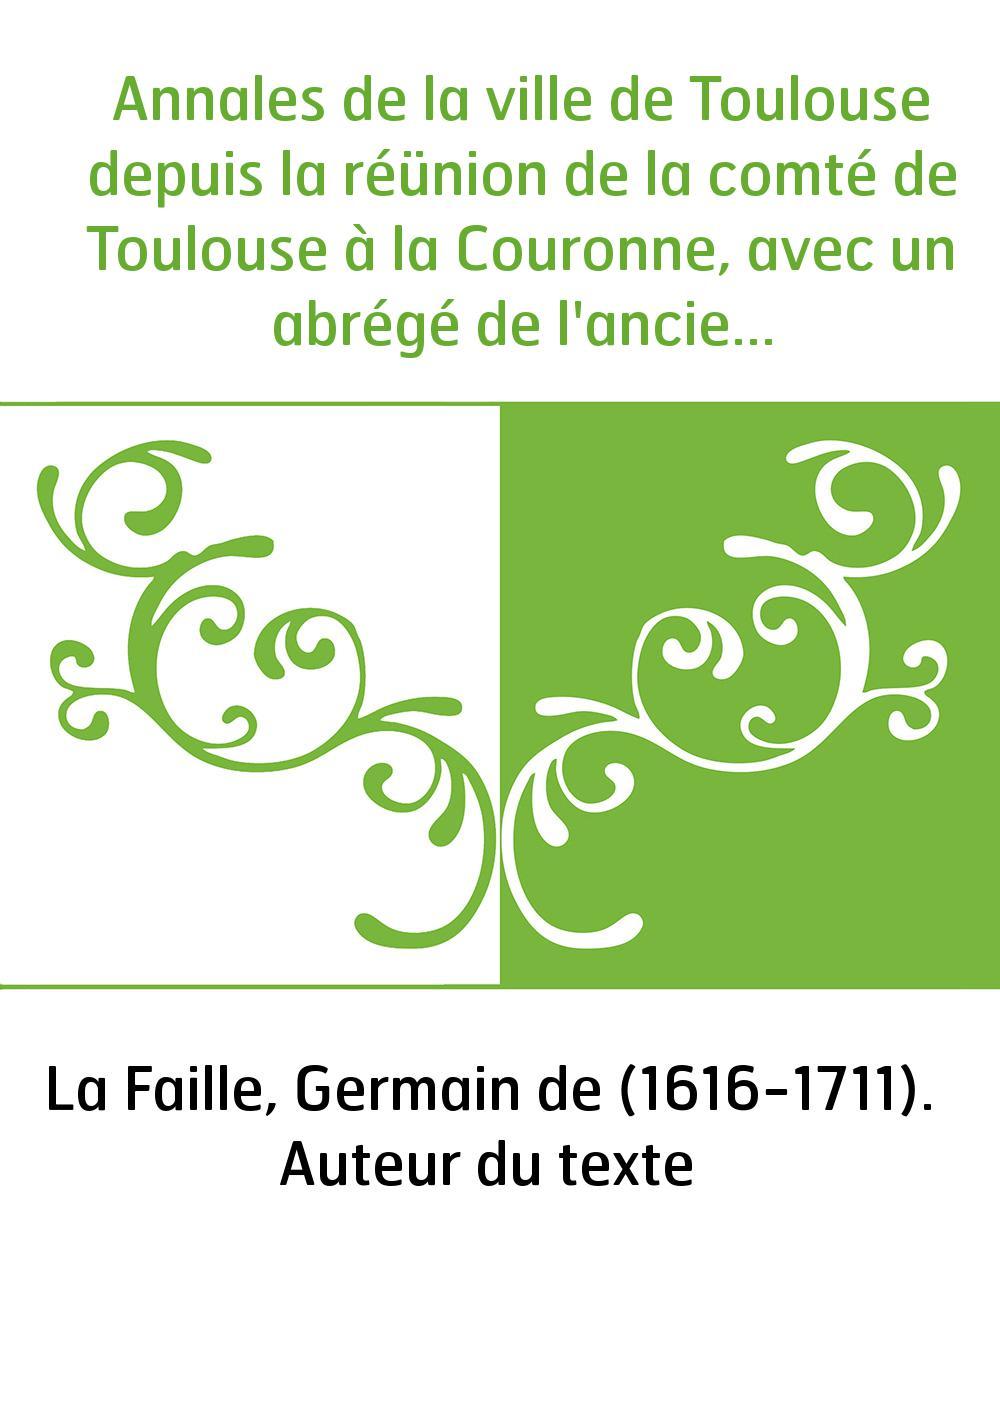 Annales de la ville de Toulouse depuis la réünion de la comté de Toulouse à la Couronne, avec un abrégé de l'ancienne histoire d